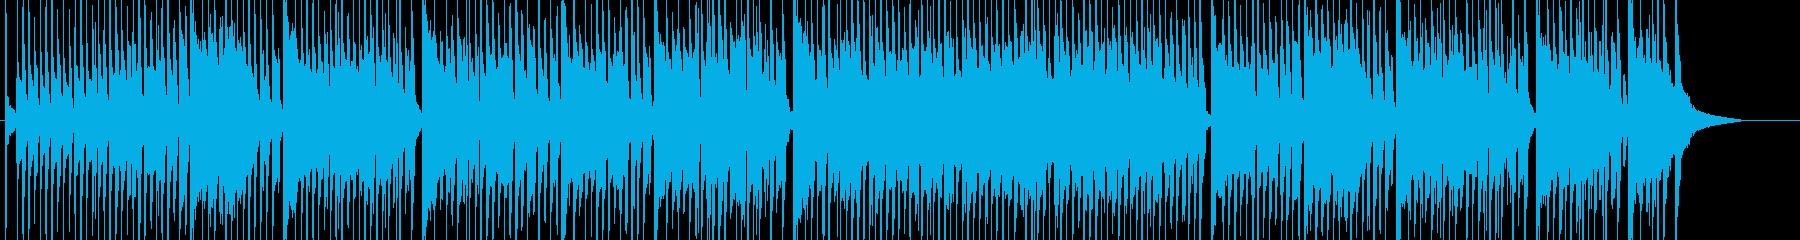 軽快で楽しいほのぼのBGMの再生済みの波形